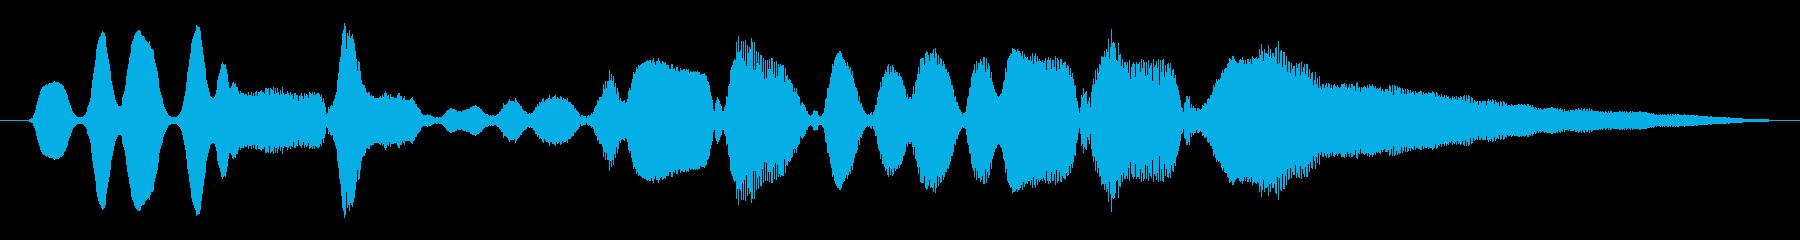 ハーモニカ:ショートプレイ、コメデ...の再生済みの波形